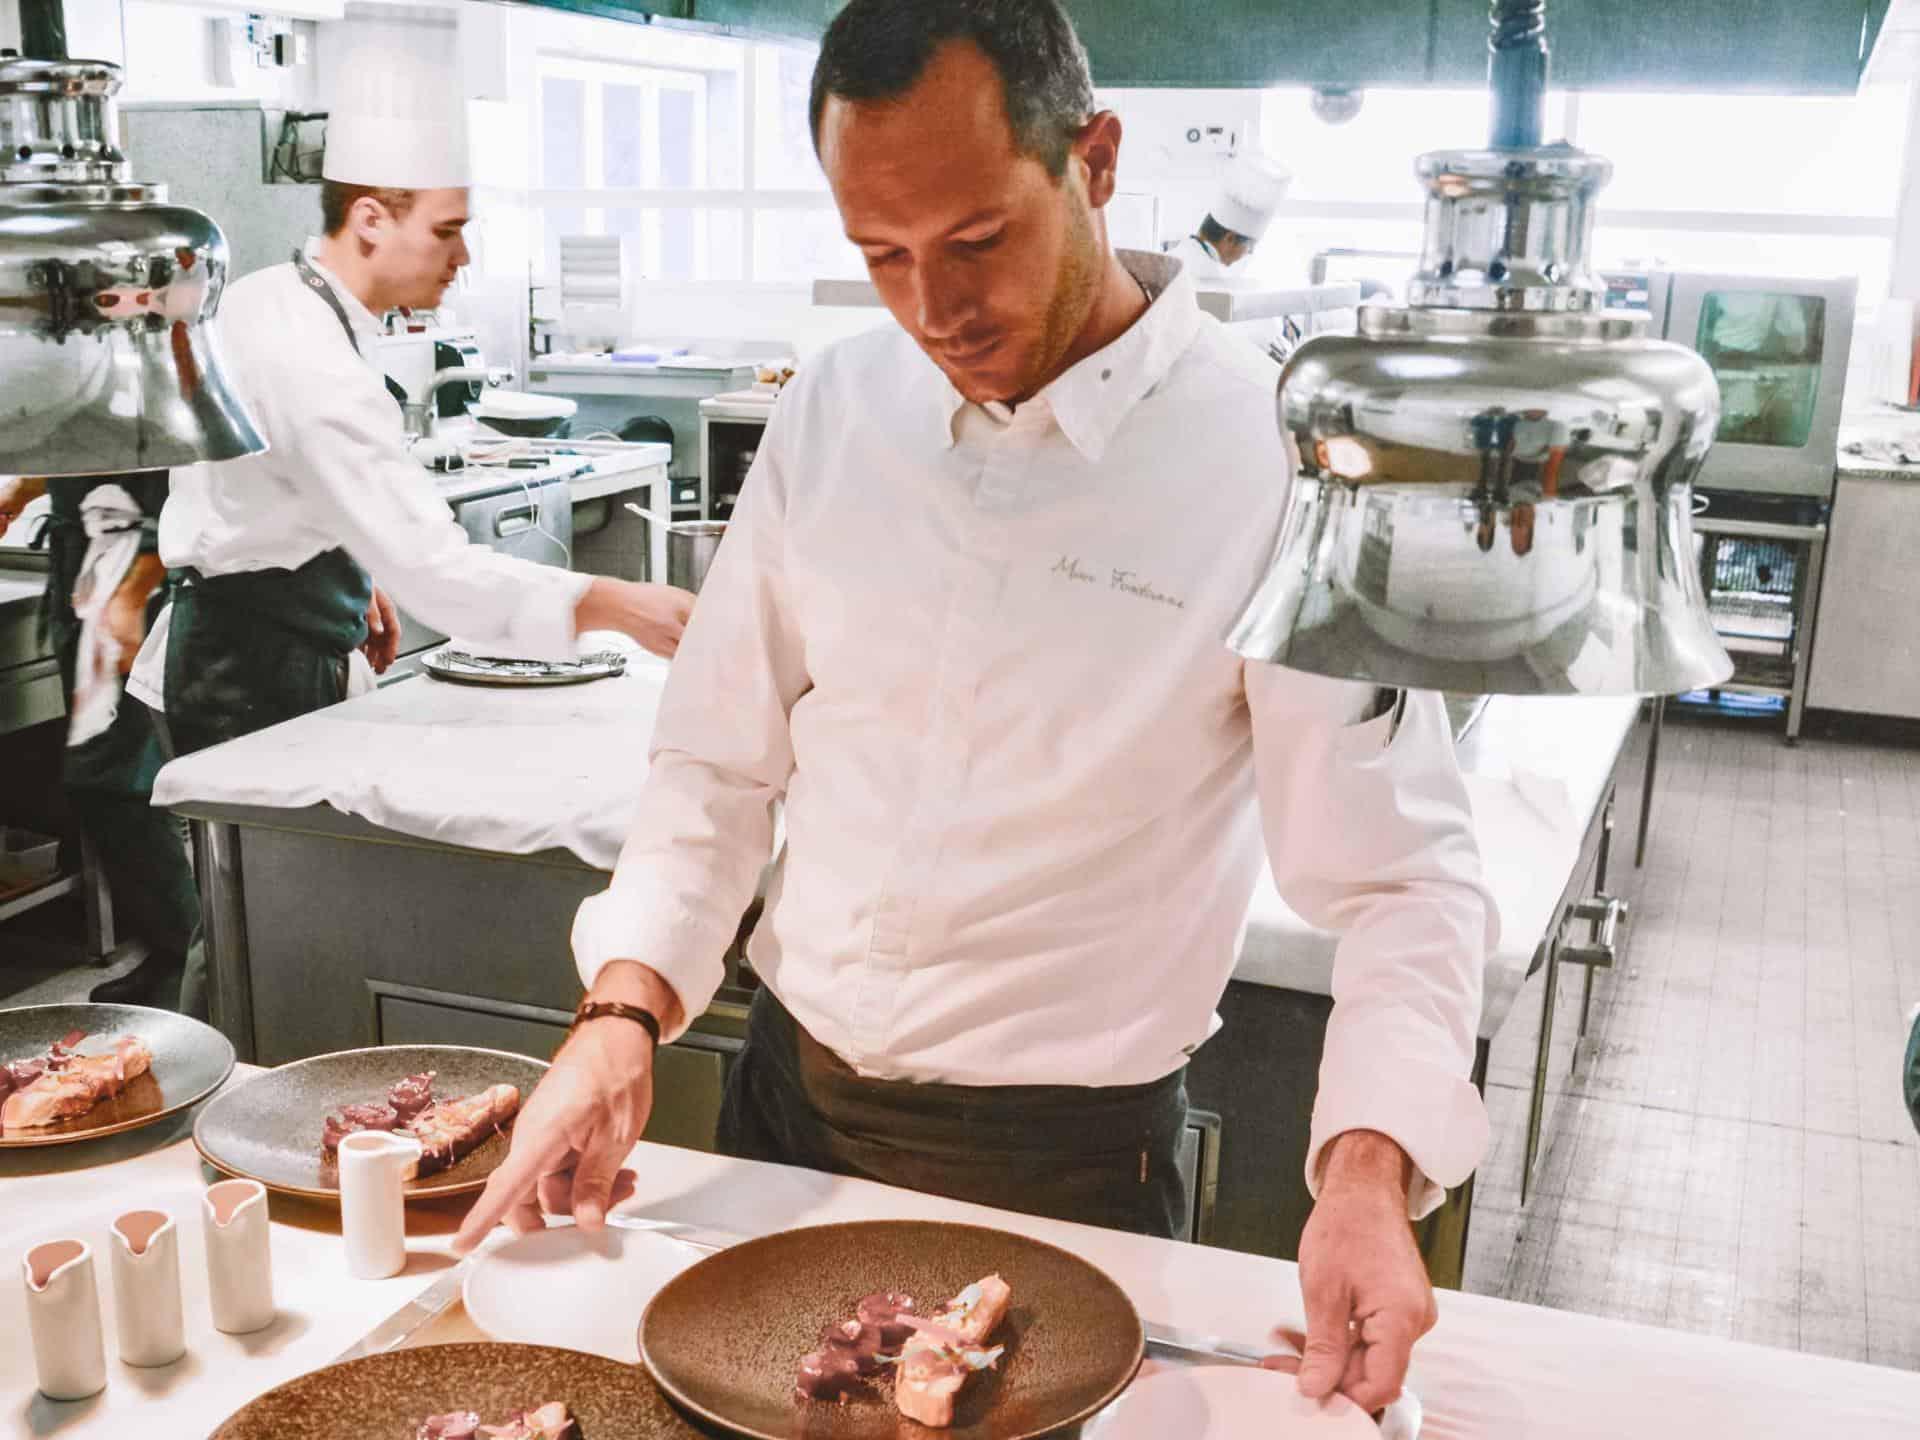 Marc Fontanne, the Michelin star Chef